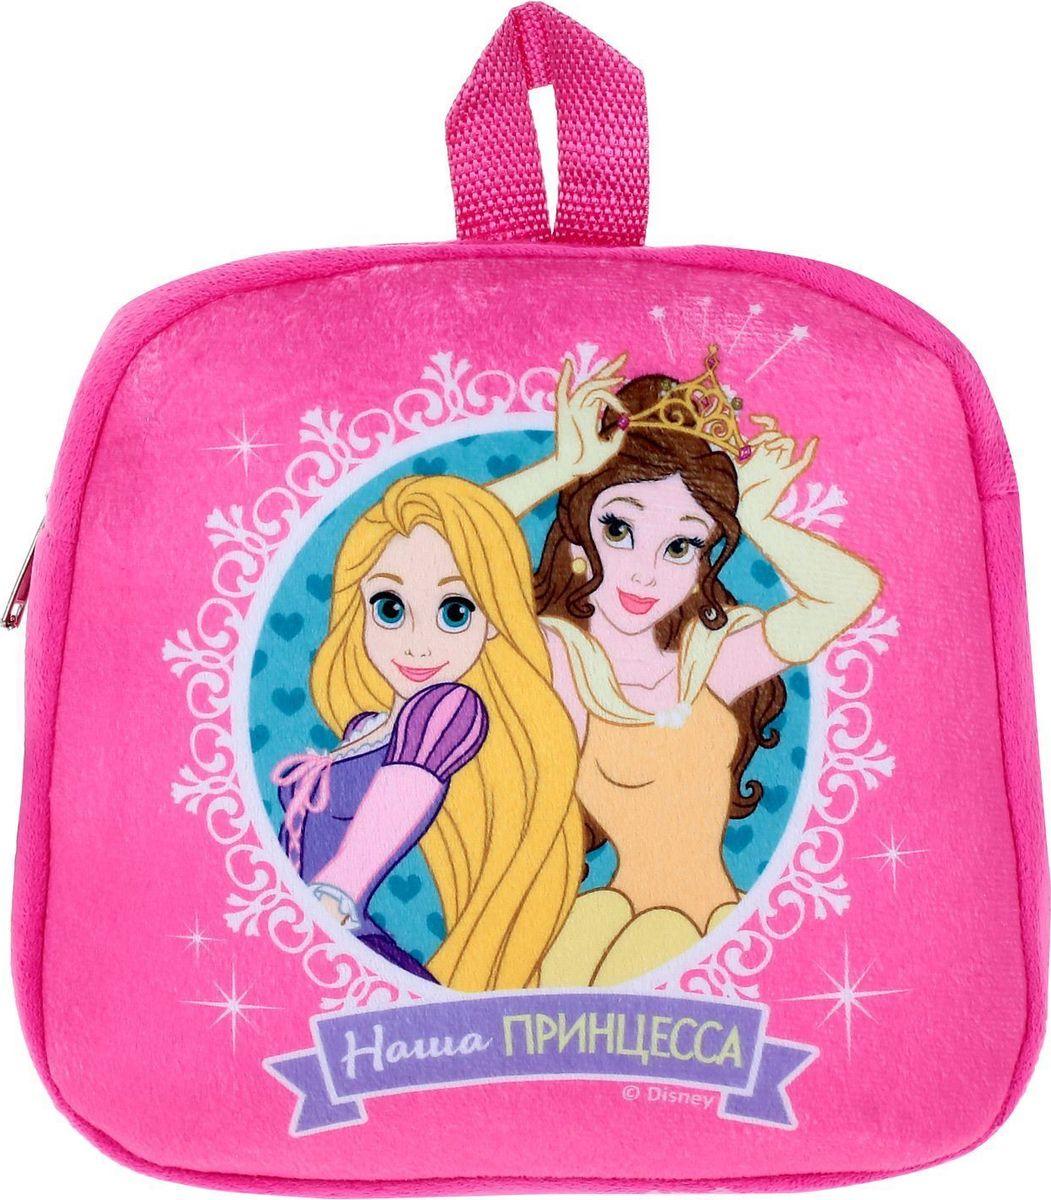 Disney Рюкзак дошкольный Принцессы Наша Принцесса цвет розовый72523WDДетки обожают брать с собой игрушки. Для этого отлично подойдёт небольшой, но вместительный рюкзачок с персонажем Disney!Это не просто сумочка, но и безумно приятная на ощупь игрушка! Каждая вещь изготовлена с любовью из качественного мягкого плюша.Молния надёжно сохранит все вещи внутри, а регулируемые ремешки сделают время, проведённое с любимым героем, ещё комфортнее! Сверху также имеется удобная ручка.Шильдик с незаполненным полем, который прилагается к каждому аксессуару, вы можете использовать как мини-открытку, если покупаете изделие в подарок.Размеры — 24,5 ? 6 х 24,5 см.